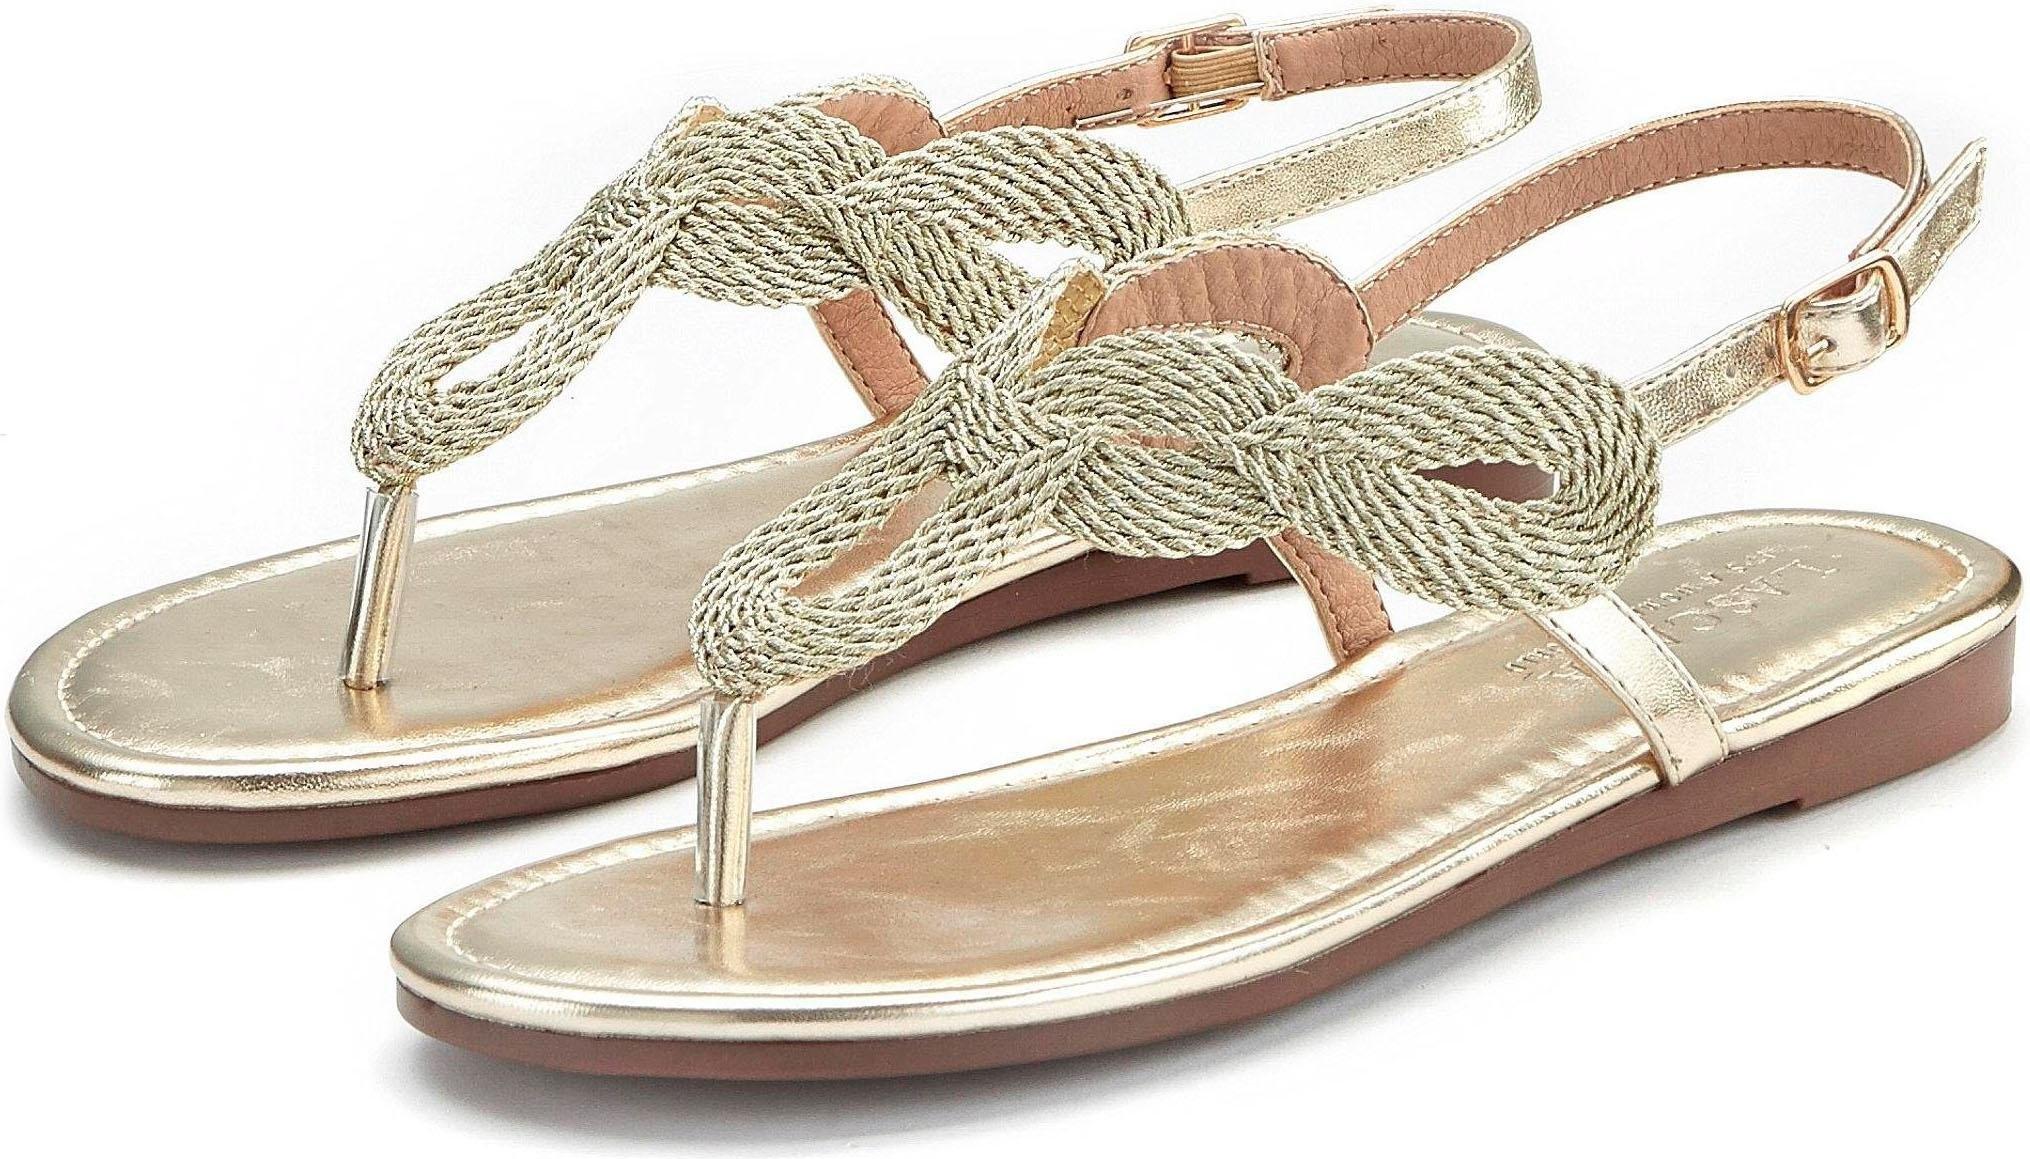 LASCANA teenslippertjes in metallic-look bij OTTO online kopen